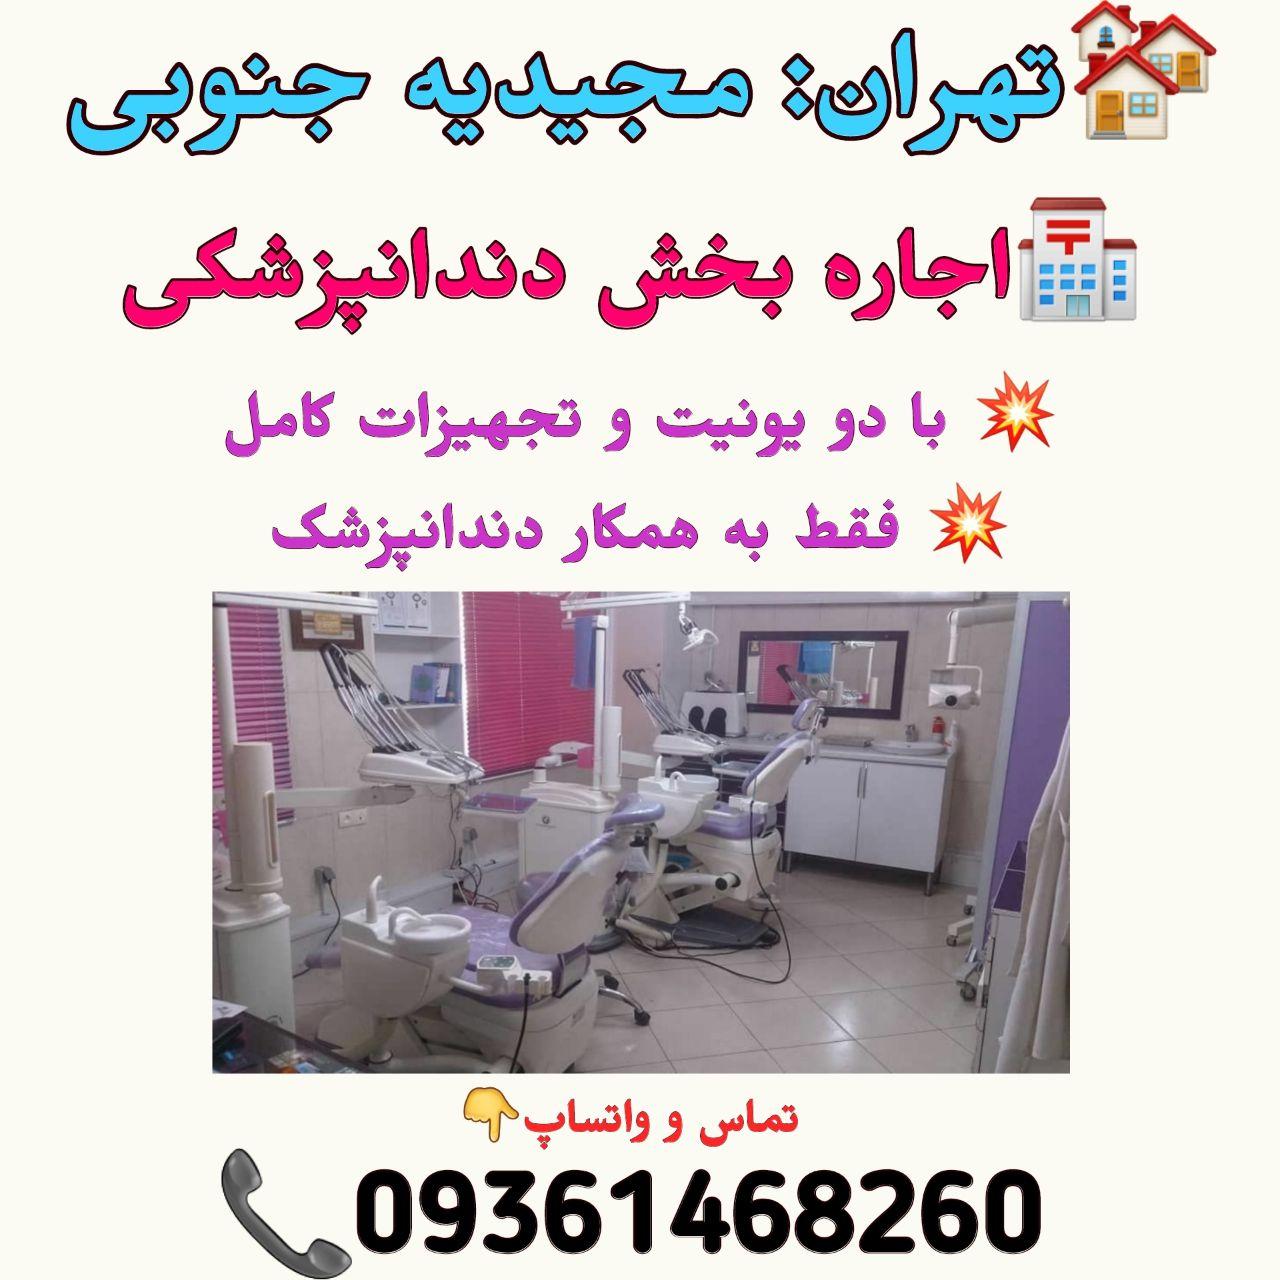 تهران: مجیدیه جنوبی، اجاره بخش دندانپزشکی